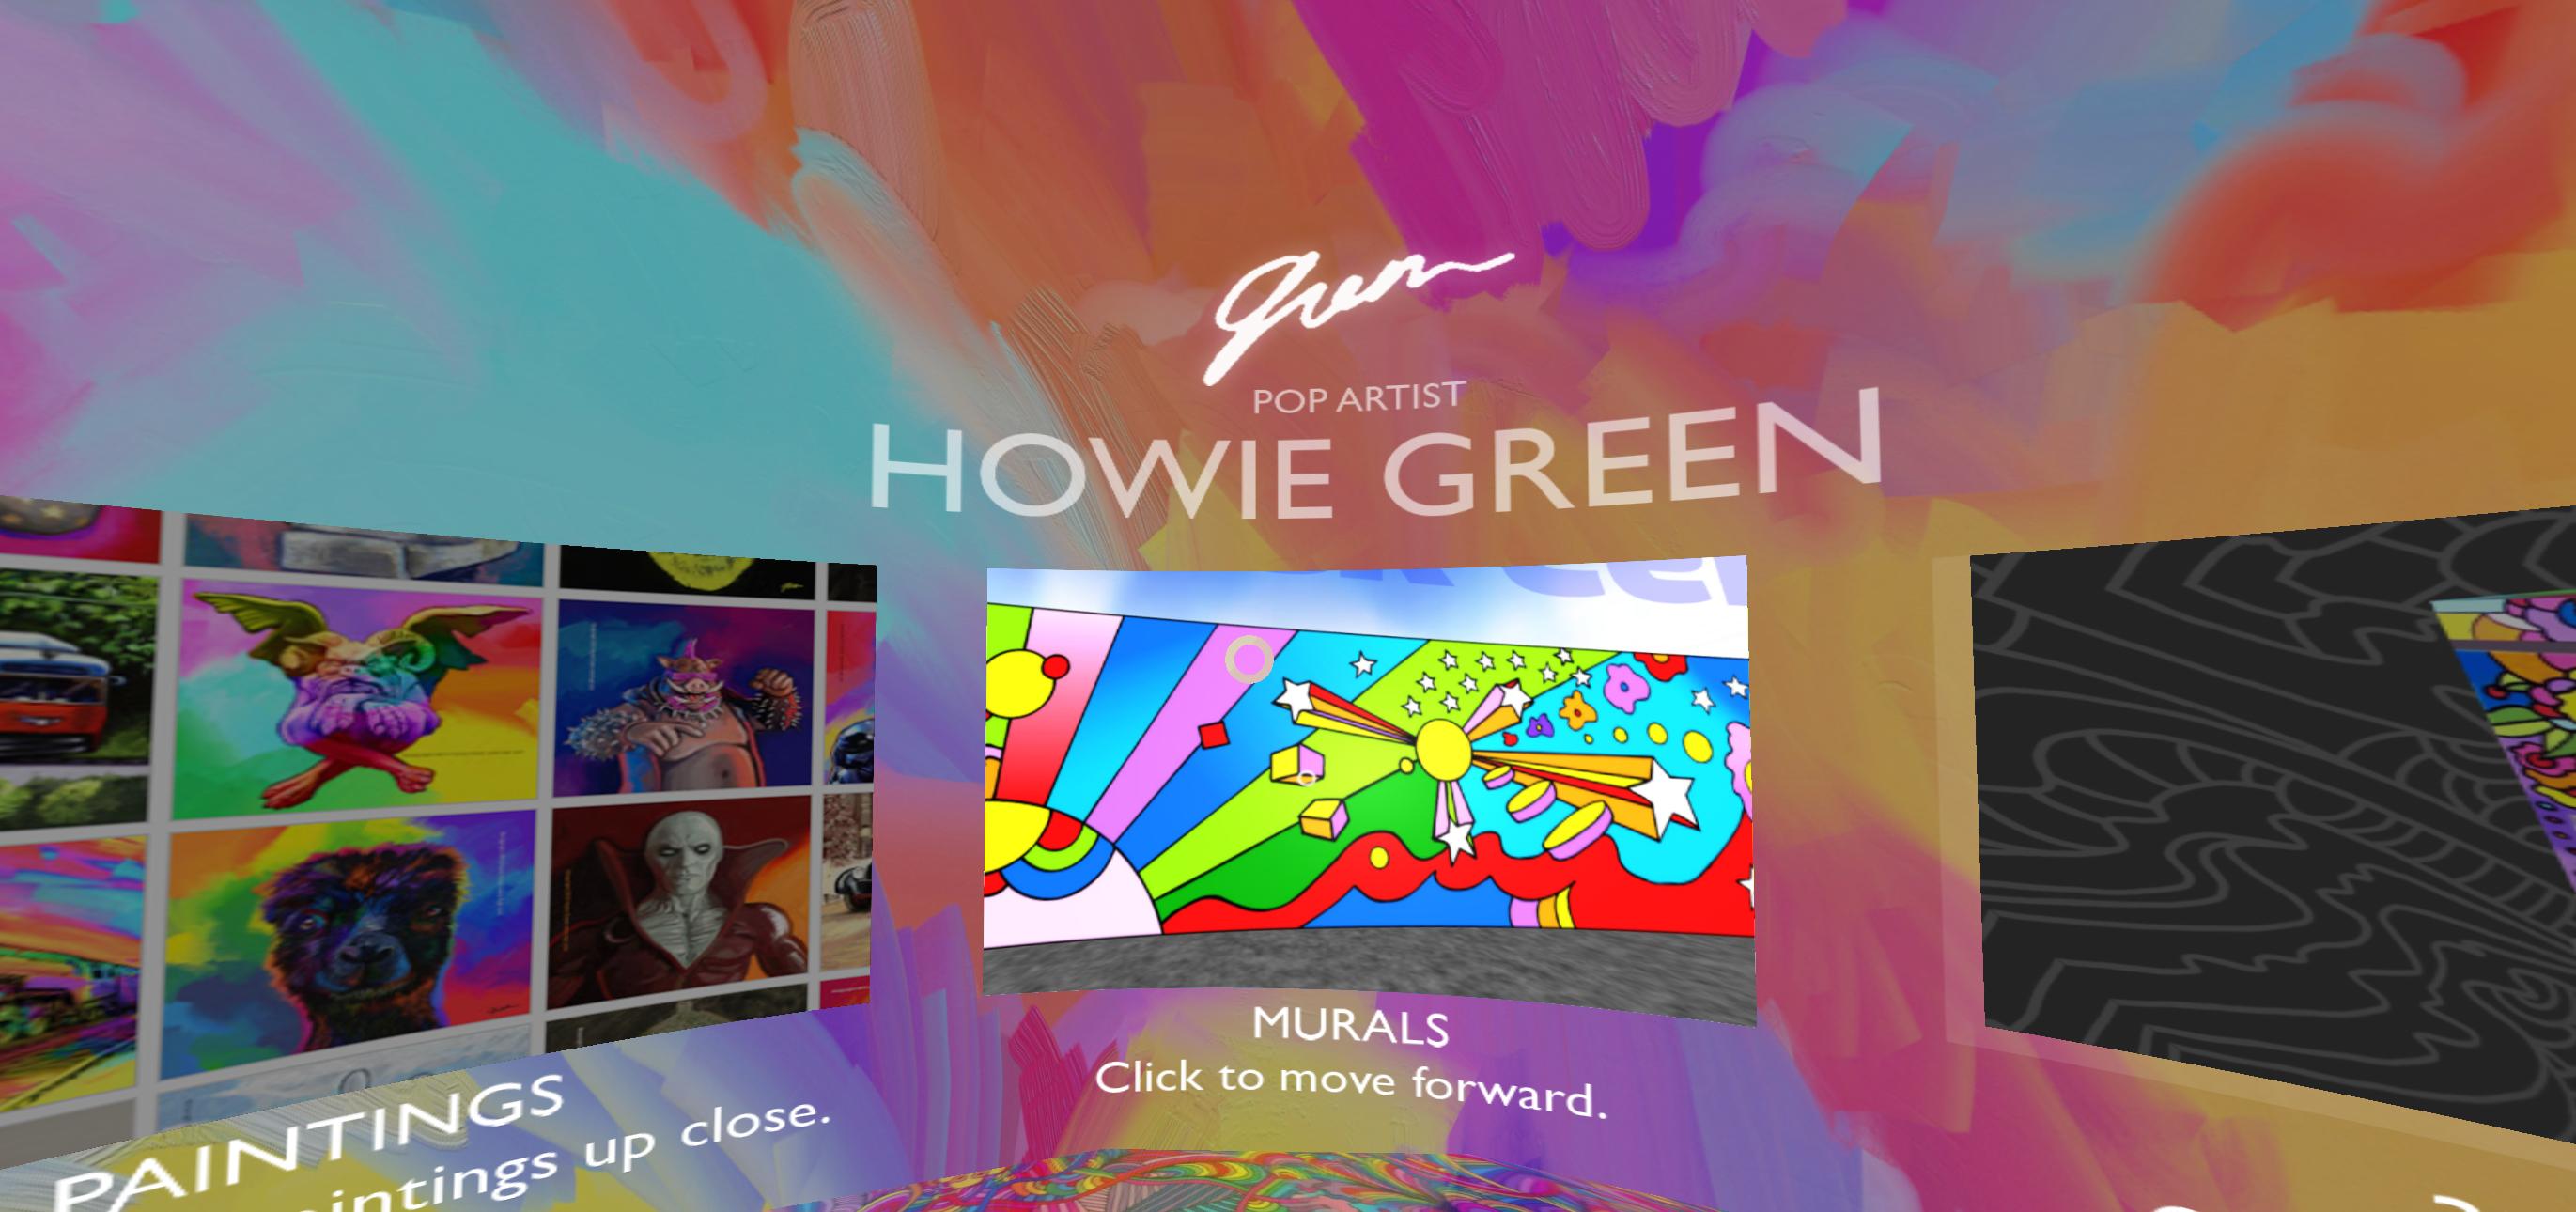 Howie Green